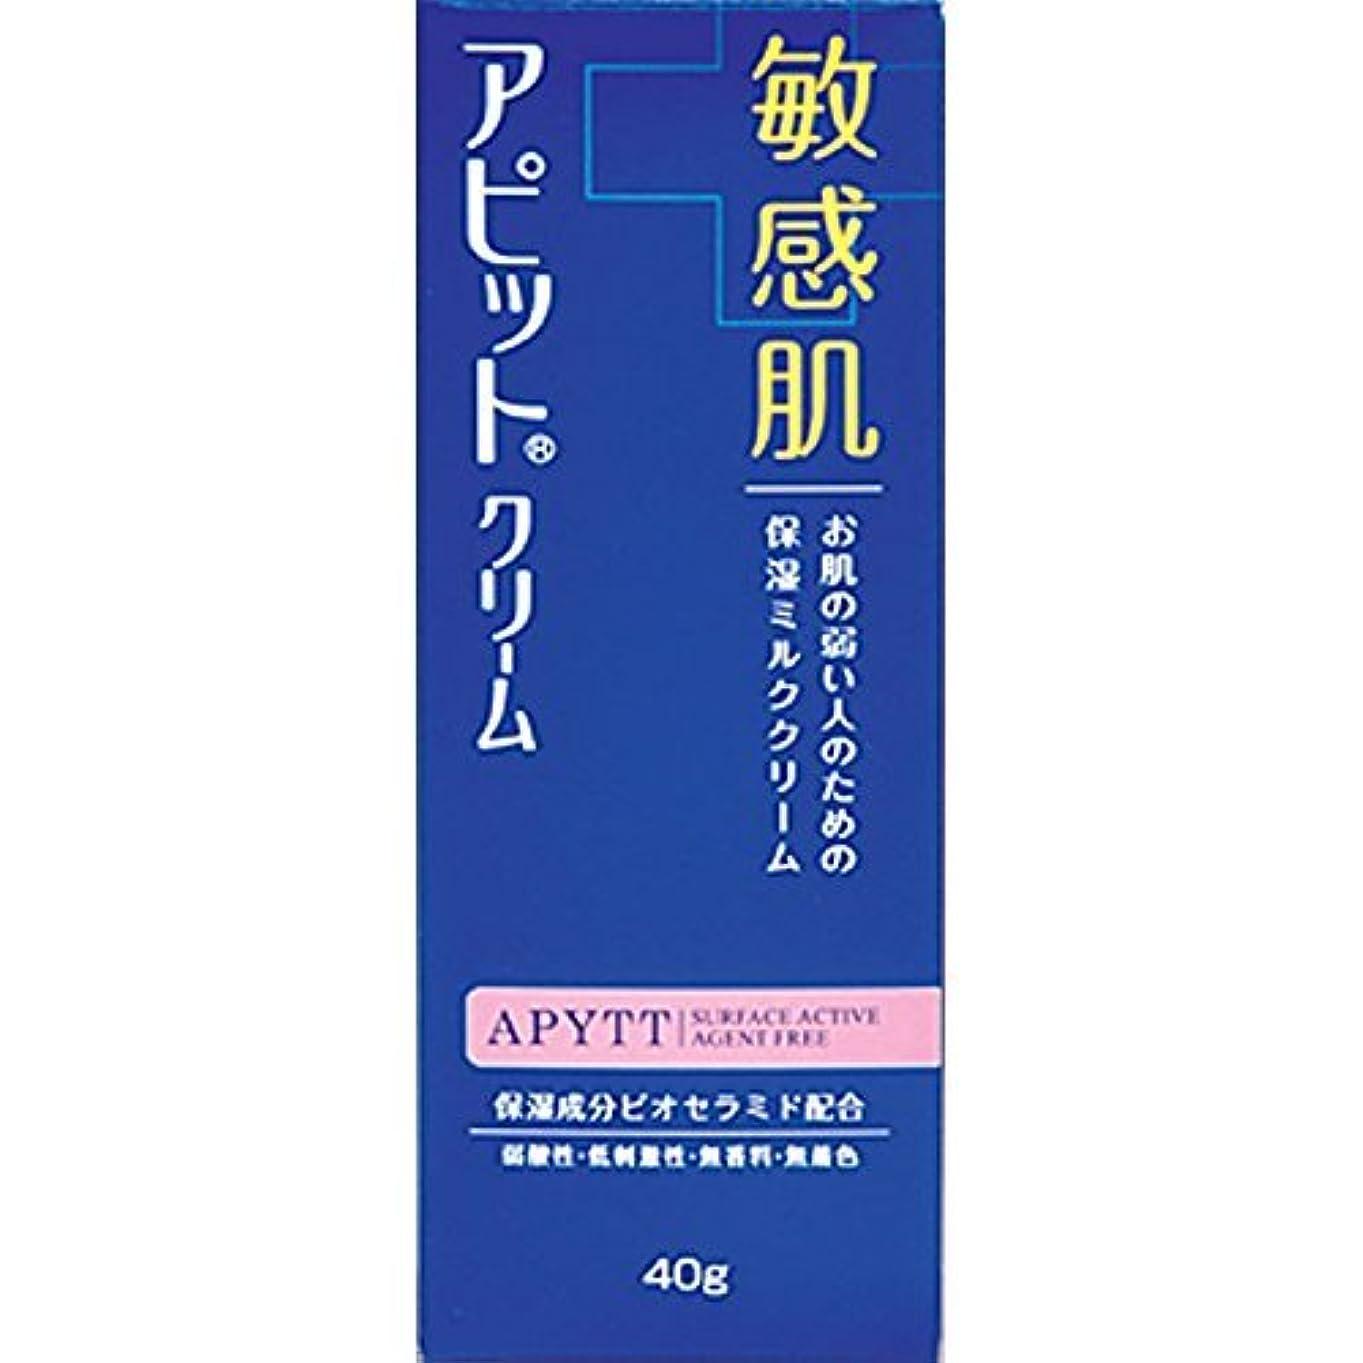 クラス文法ヒット全薬工業 アピットクリーム 40g (医薬部外品)